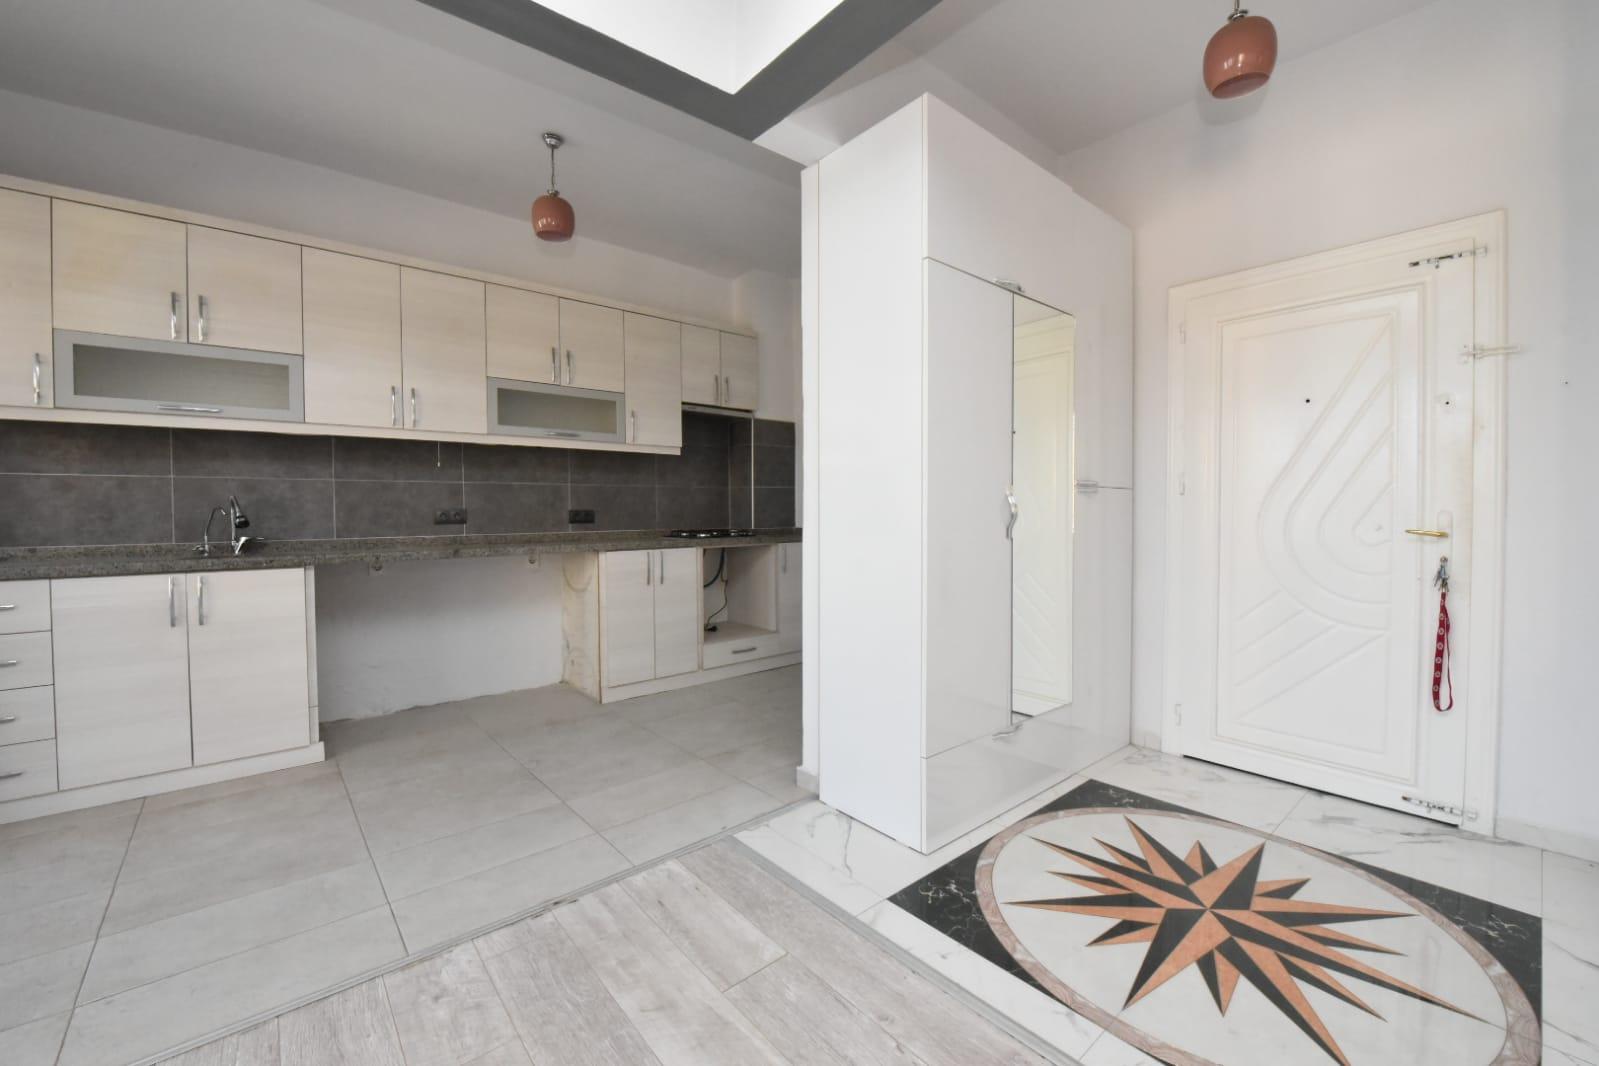 Трёхкомнатная квартира у пляжа Клеопатры по очень приятной цене - Фото 3